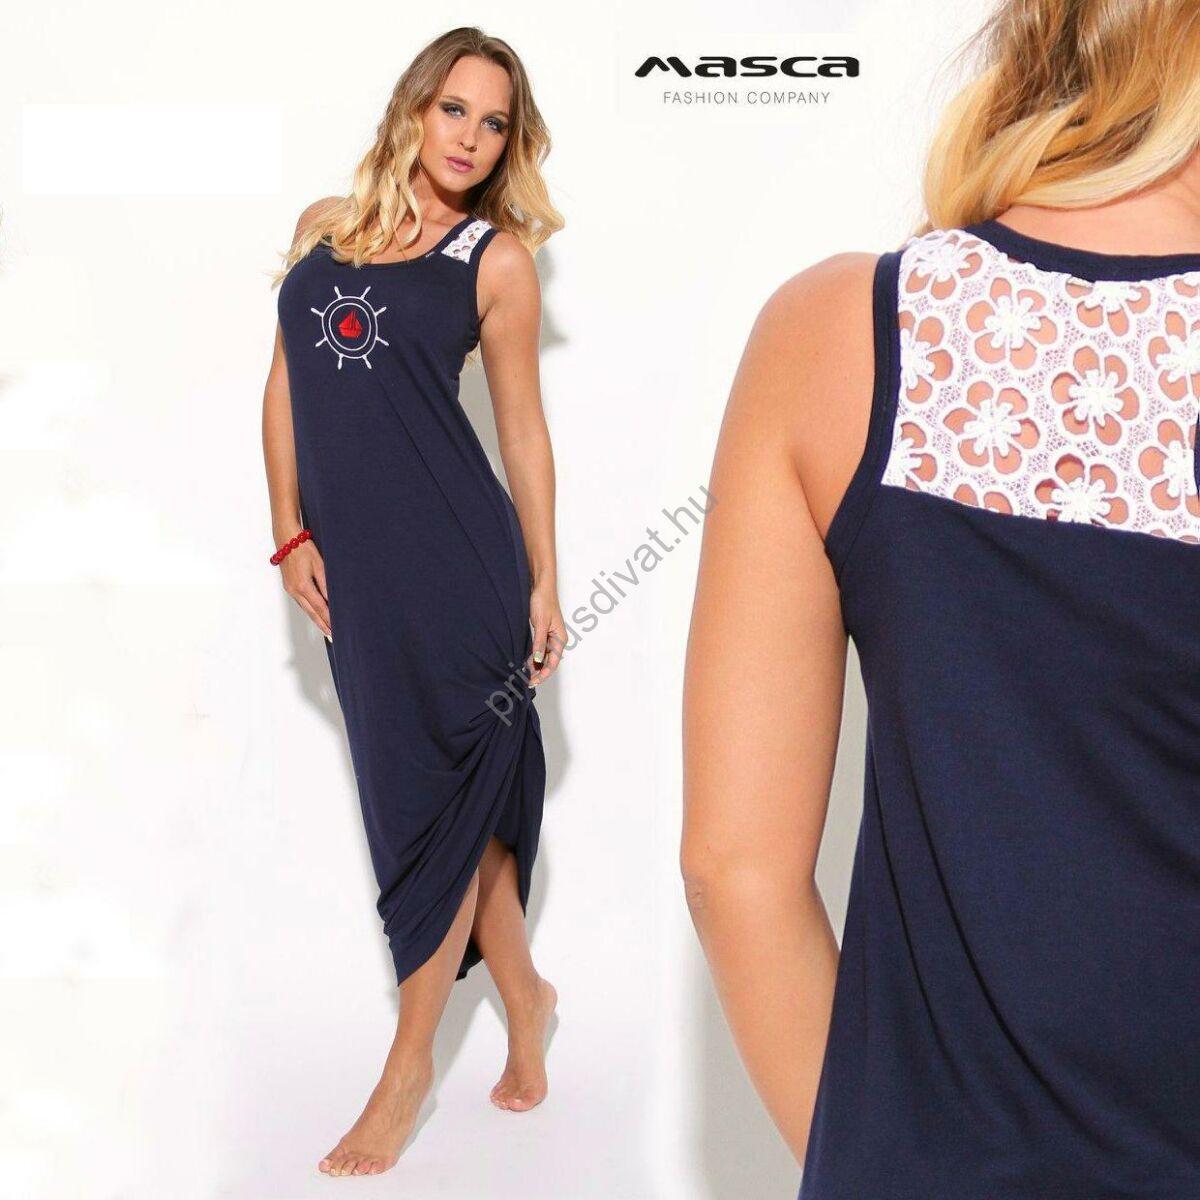 Masca Fashion fehér madeira betétes vállú sötétkék ujjatlan maxi ruha c80581e3cd